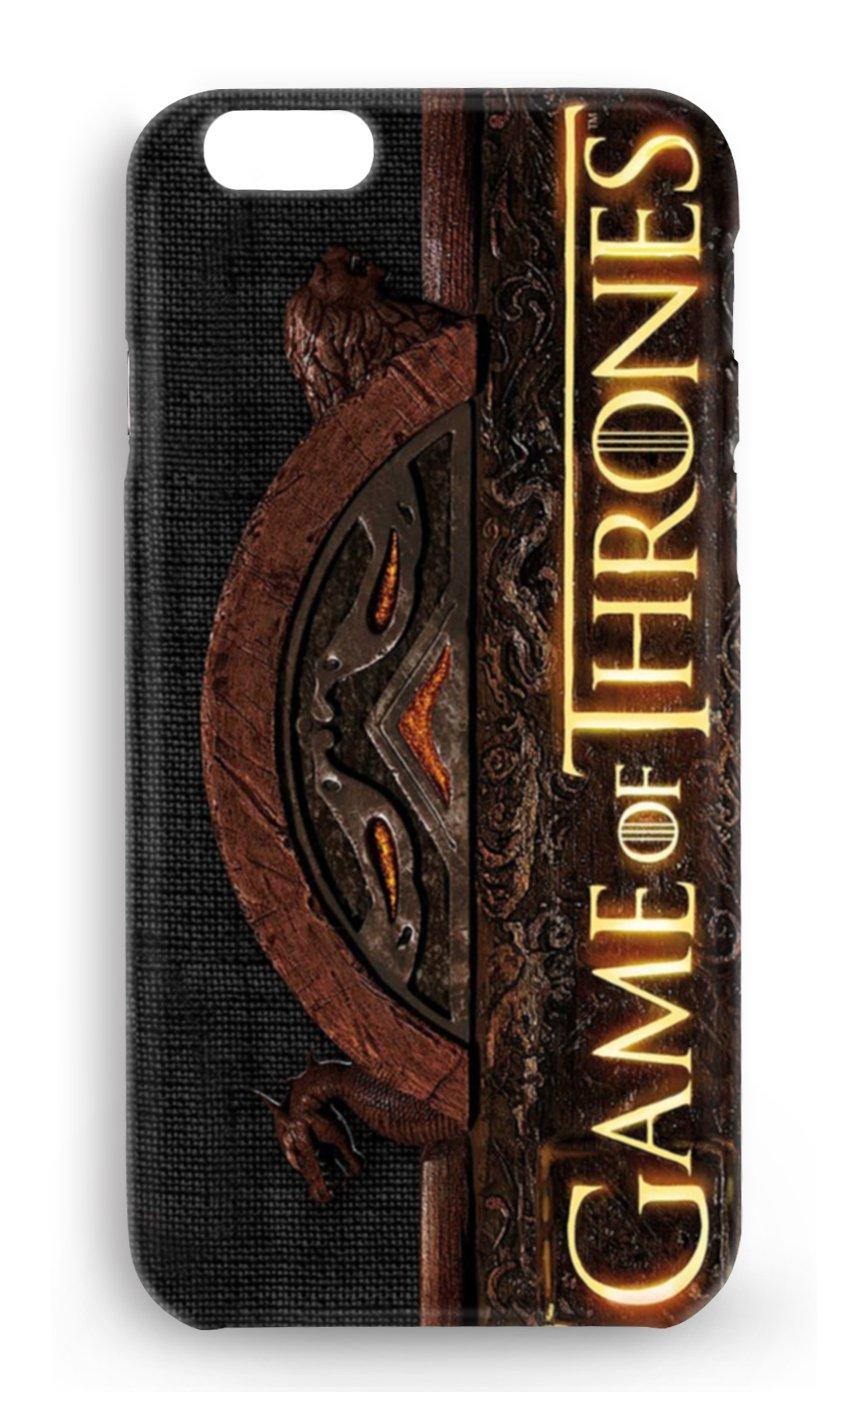 Funda Carcasa Juego de Tronos para iPhone 6 6S plástico rígido Game of Thrones